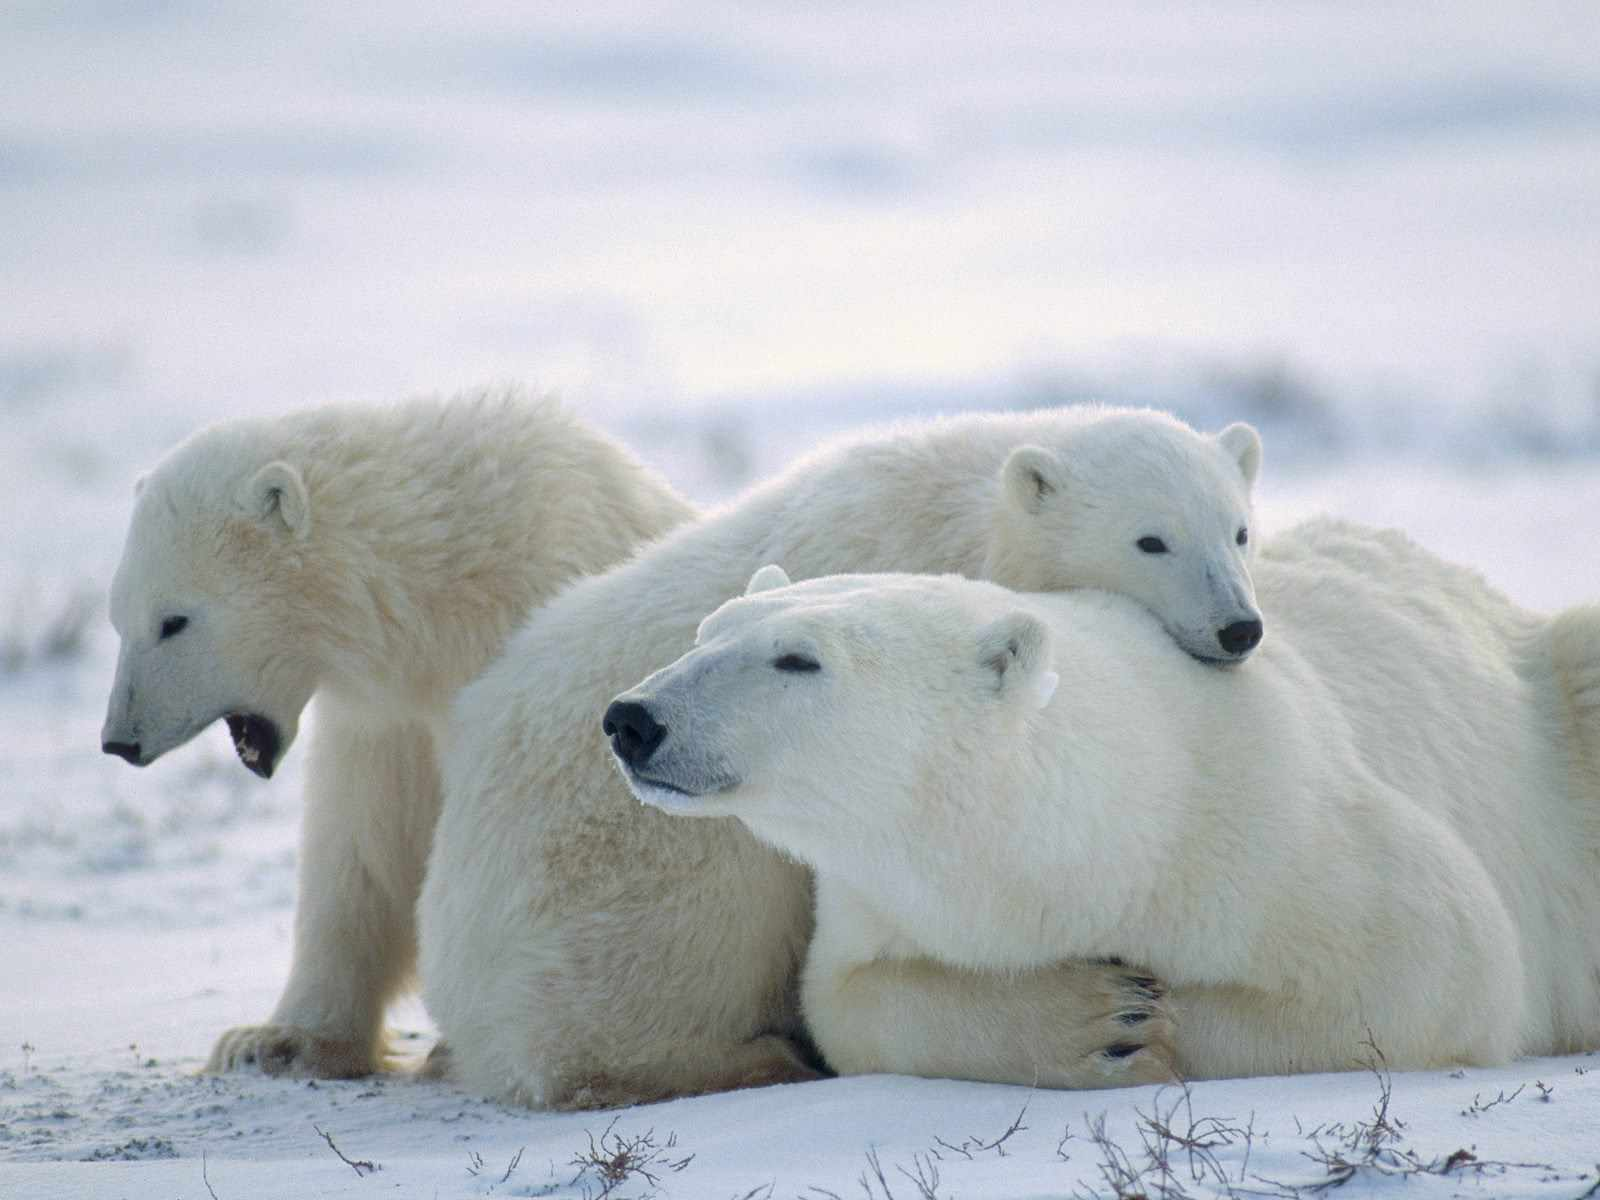 Imagenes De Osos Polares: Osos,osos Polares,wallpapers Hd,fondos,bear